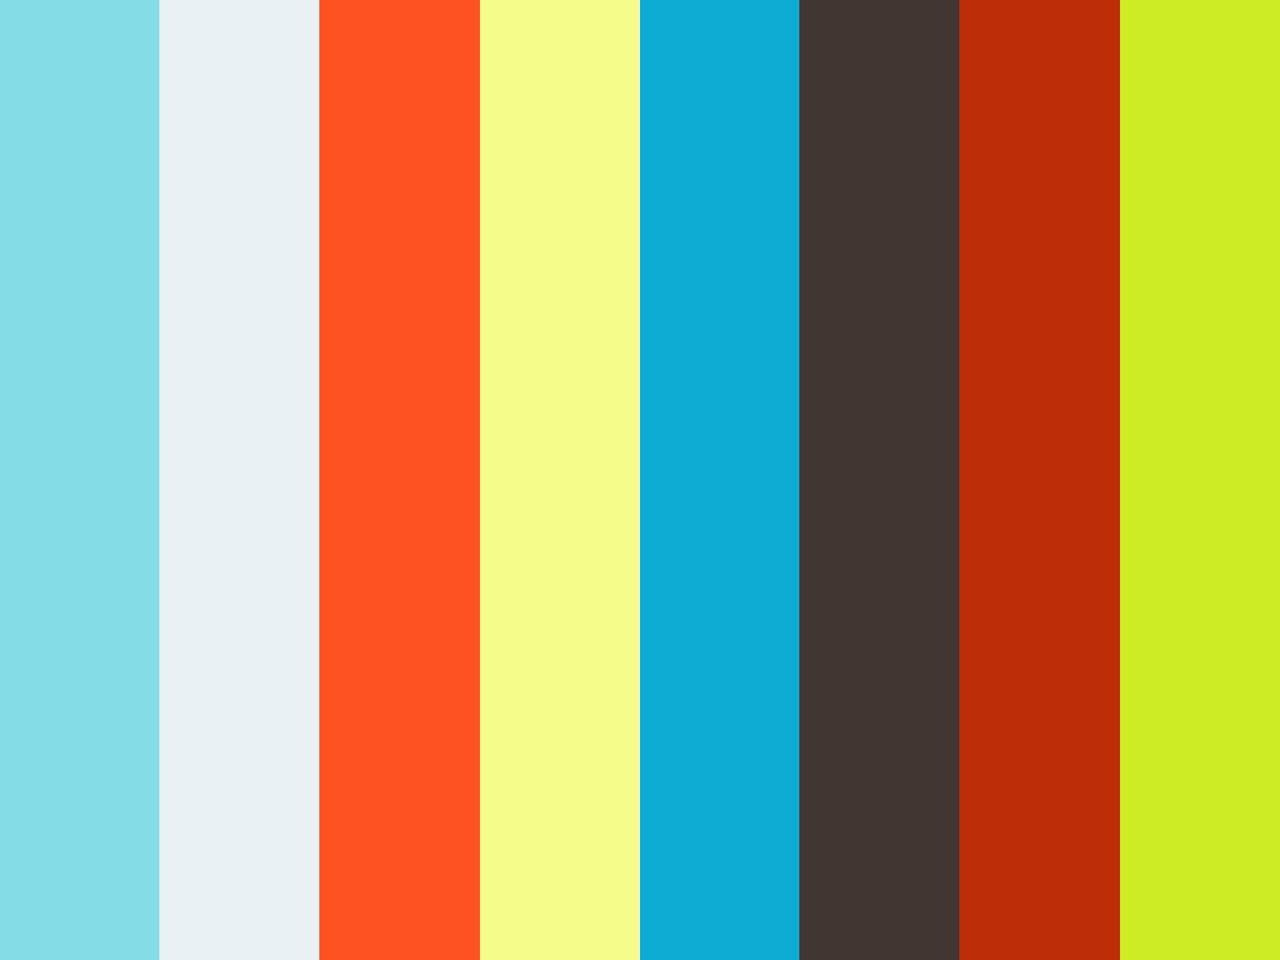 Blaesbjerg.com til kaffen - Del din innovation og gør den bedre